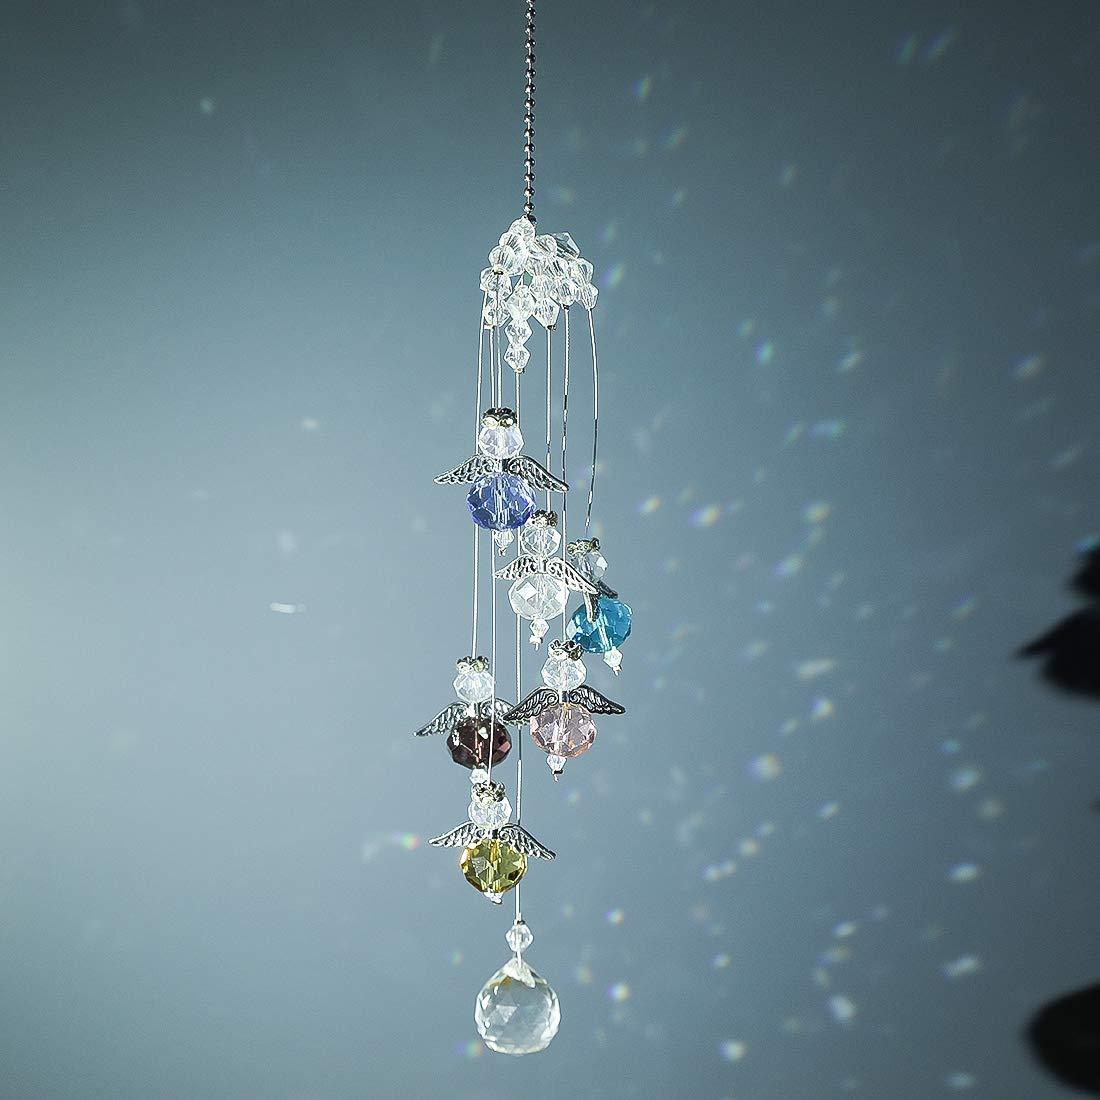 Garten H/&D Kristall Kronleuchter Prismen Dekoration H/ängende Kristalle Sun Catcher mit 6 kleinen Engeln f/ür Fenster